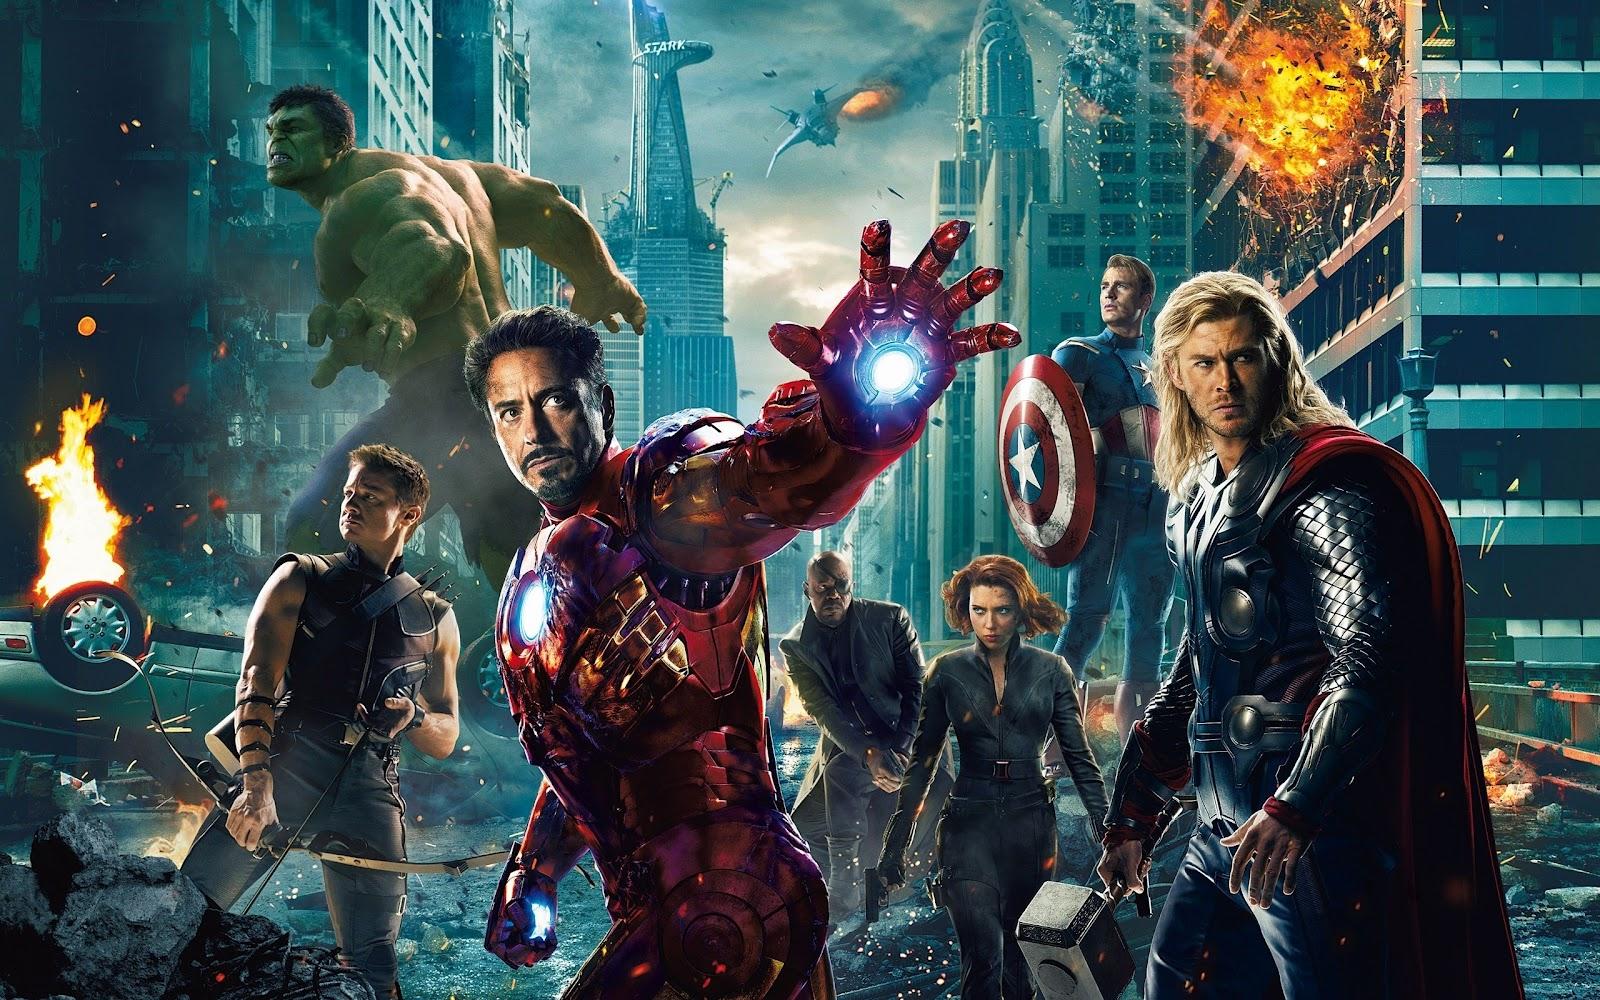 http://4.bp.blogspot.com/-GR1Gv5jW19o/T5qcg7KcoVI/AAAAAAAAAcs/22L_bwZ7lDA/s1600/Movie-The-Avengers-Wallpaper-2.jpg